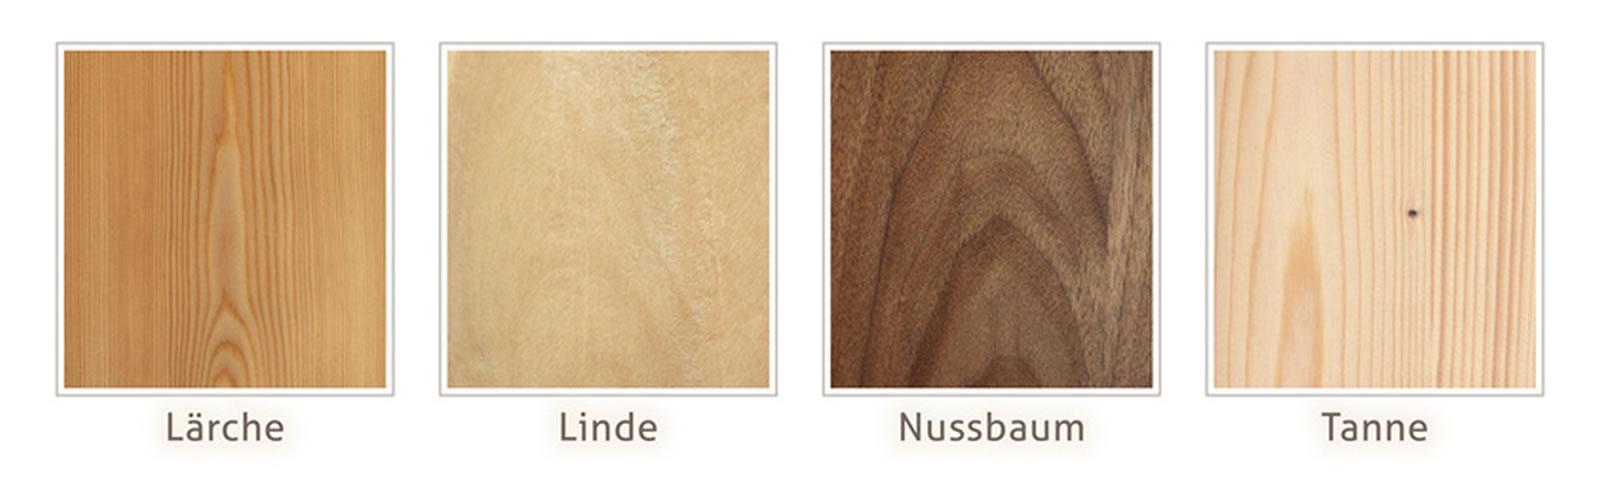 Schreinerwerkstatt Seeger :: Holzarten für Möbelbau